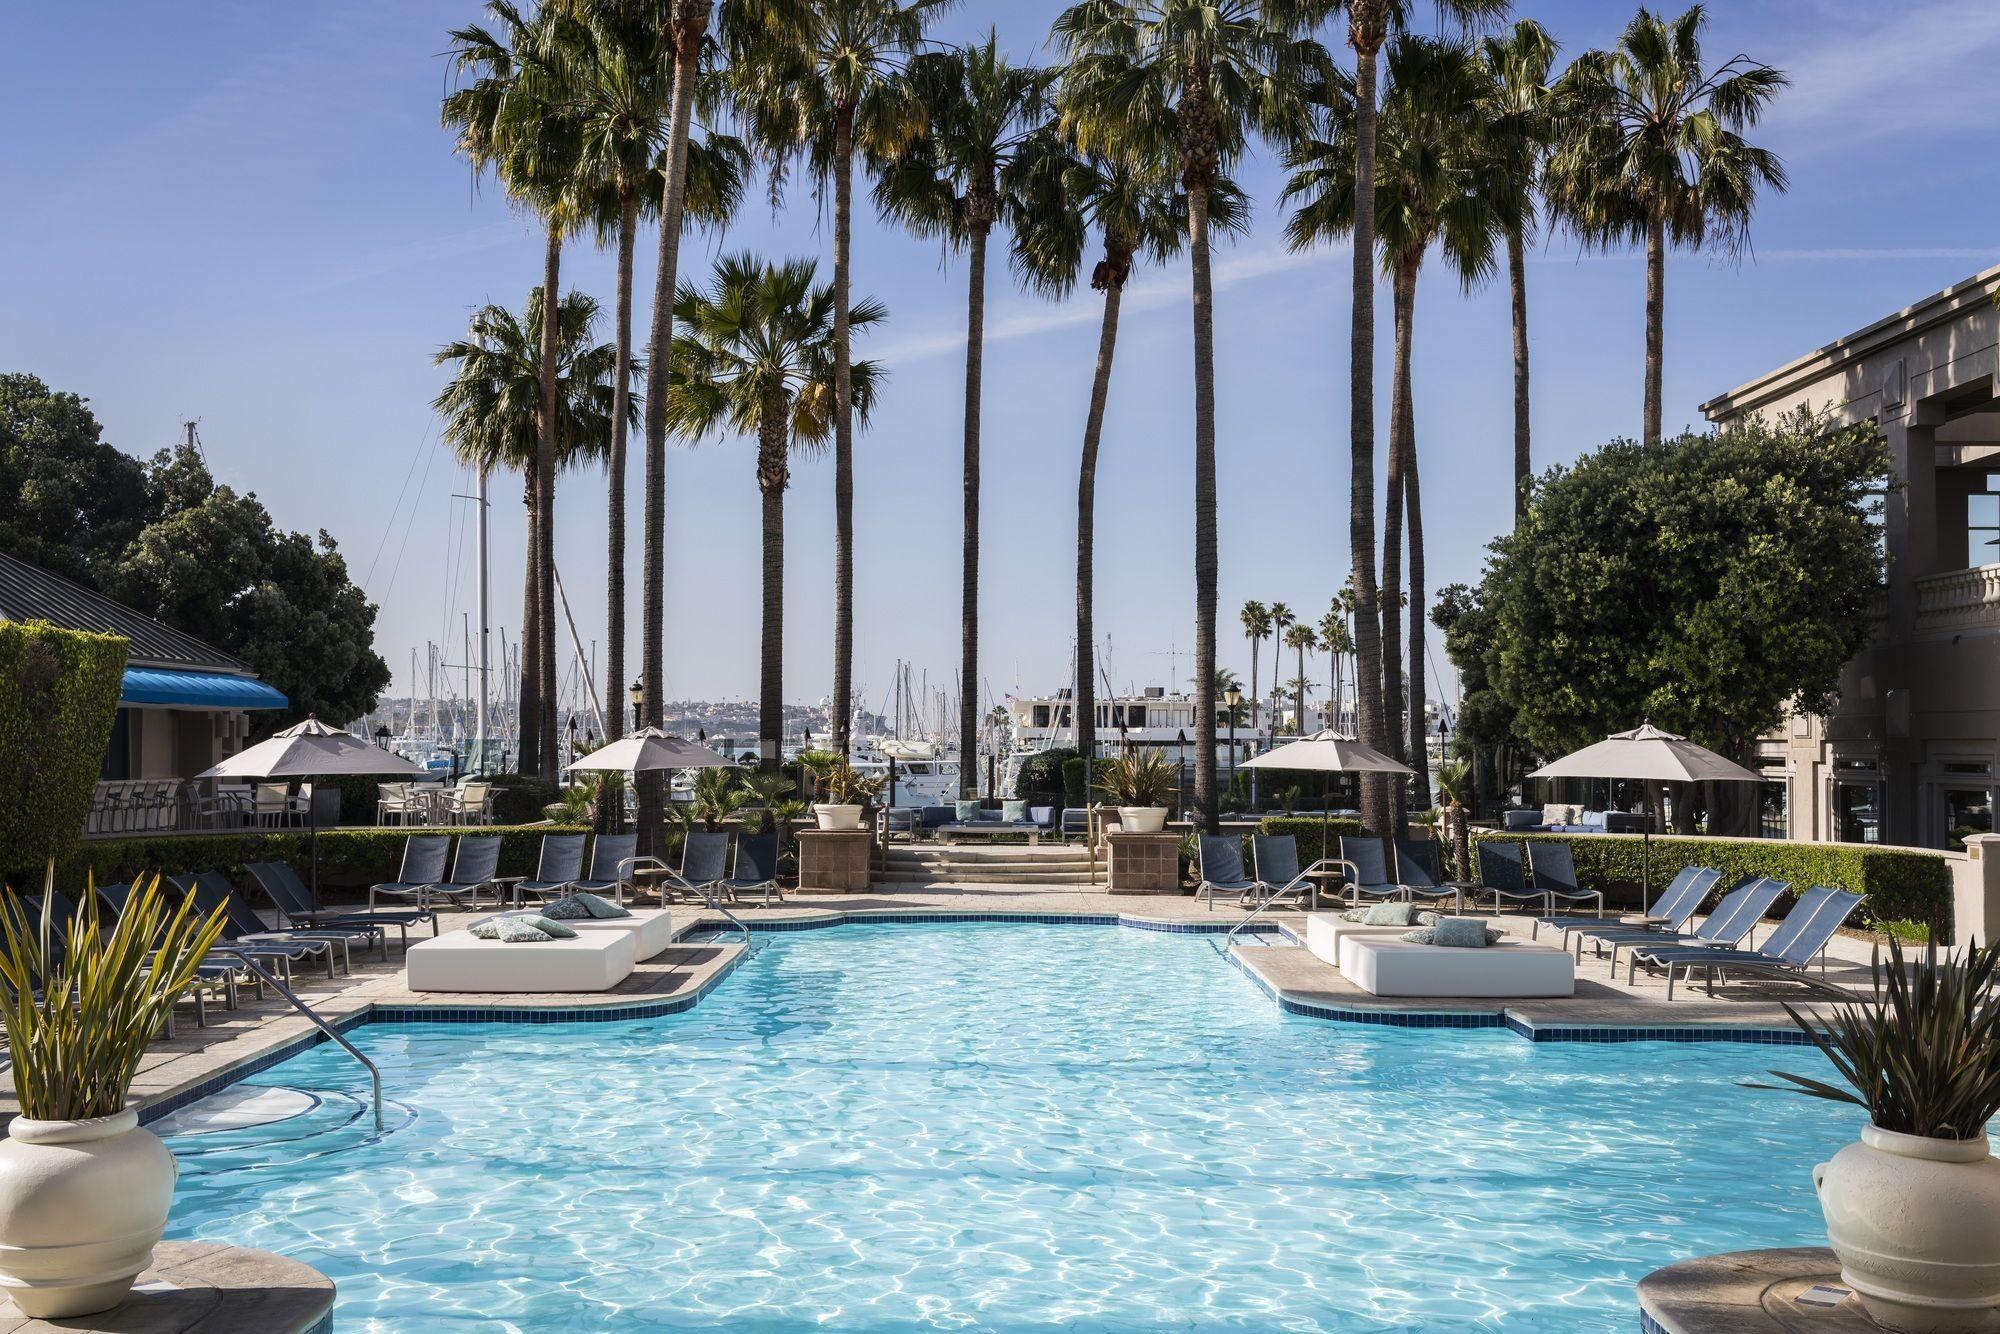 The Ritz Carlton Marina Del Rey In Marina Del Rey Ca Us Reservationcounter Com Ferienanlagen Marina Del Rey